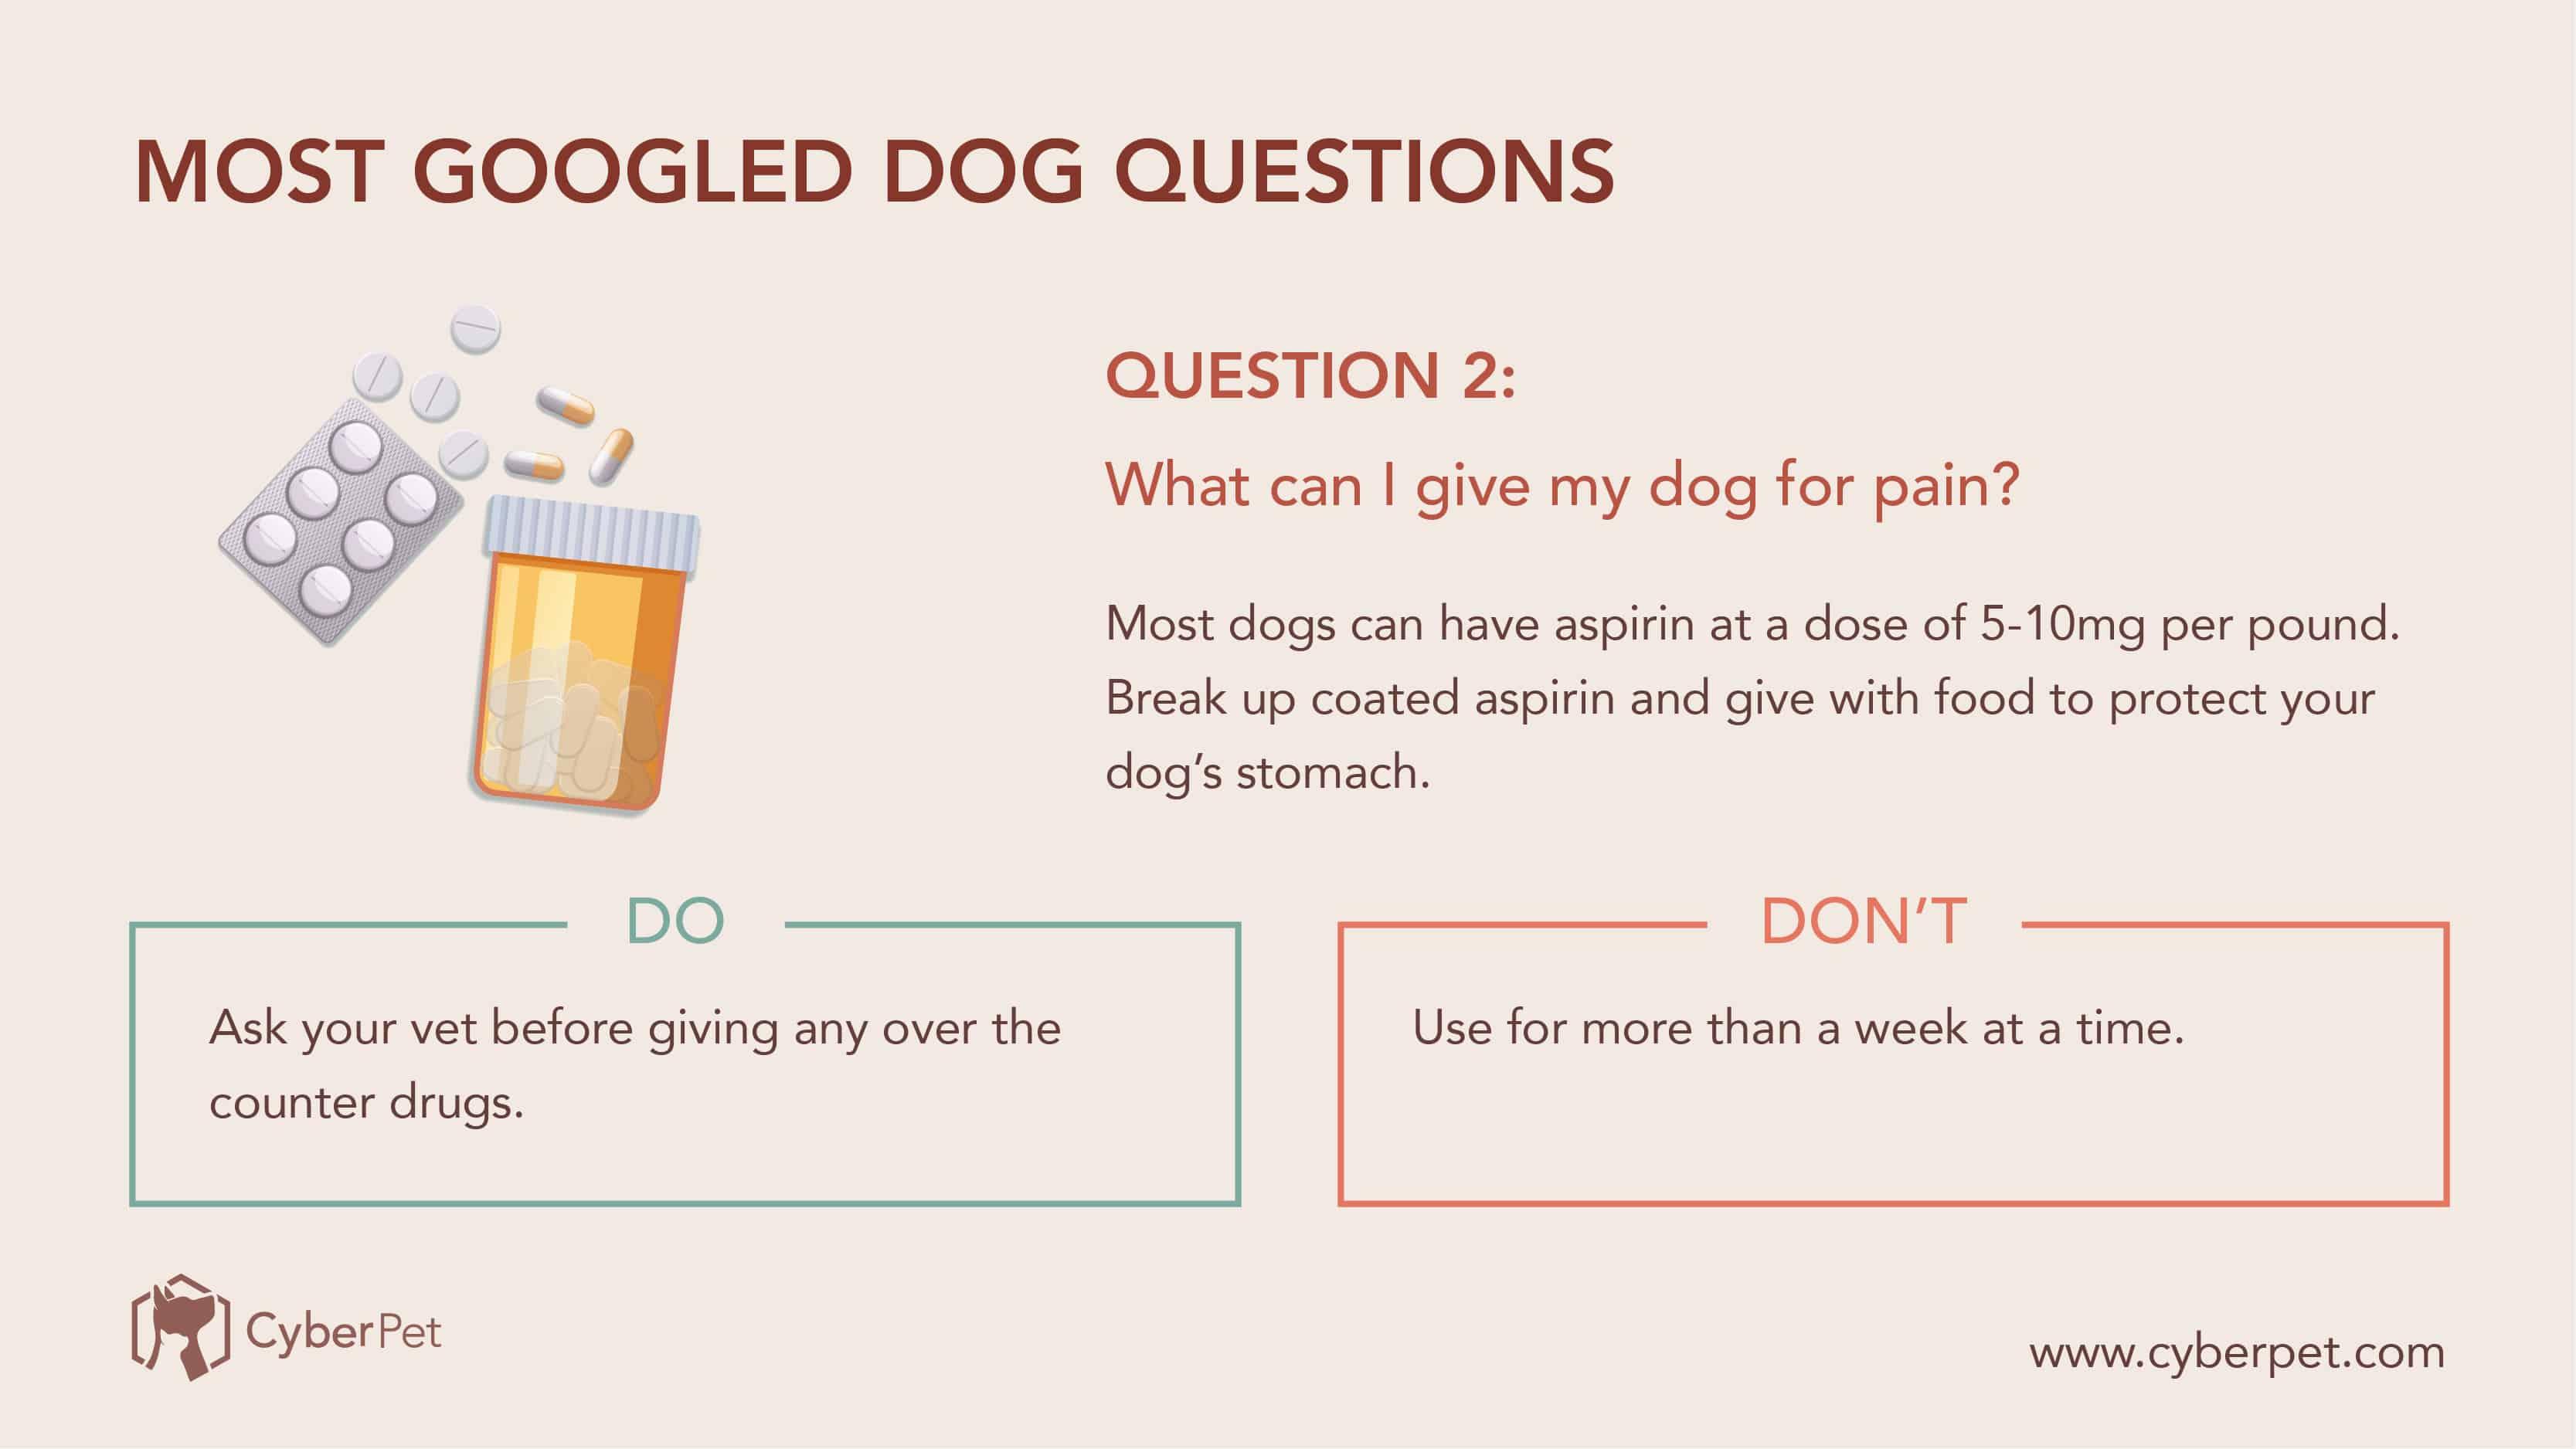 10 Most-Googled Dog Questions - Q2